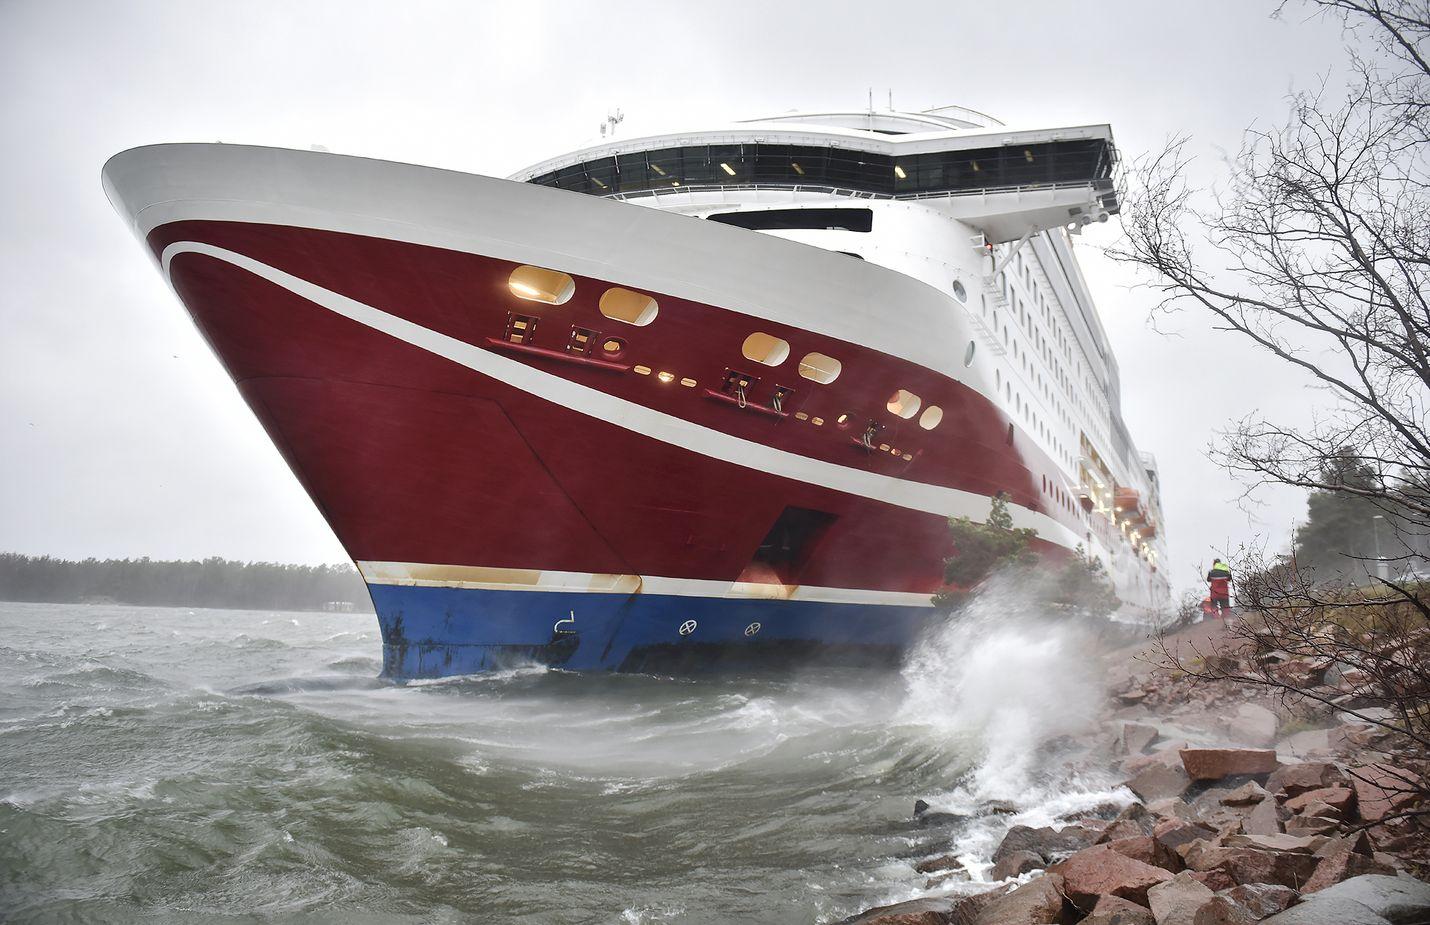 Matkustajalaiva Viking Grace pystyy viemään matkustajat Turkuun, koska pohjakosketuksessa ei syntynyt turvallisuuteen vaikuttavia vaurioita.